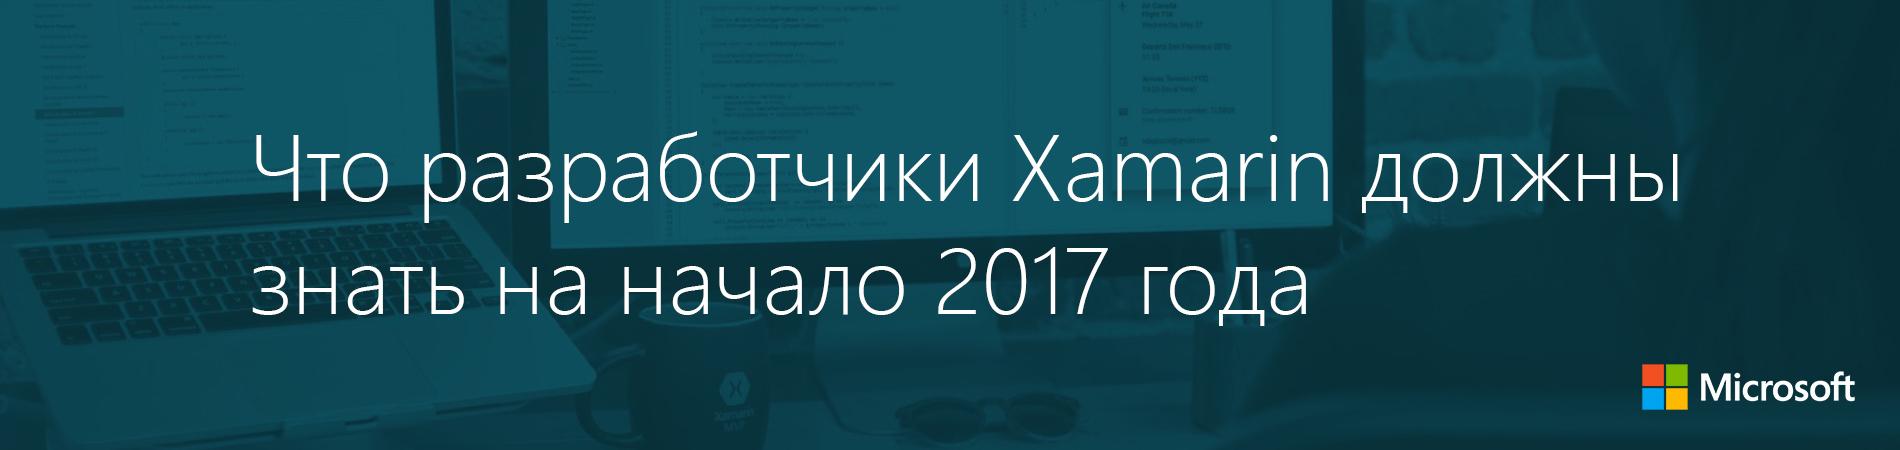 Что разработчики Xamarin должны знать на начало 2017 года